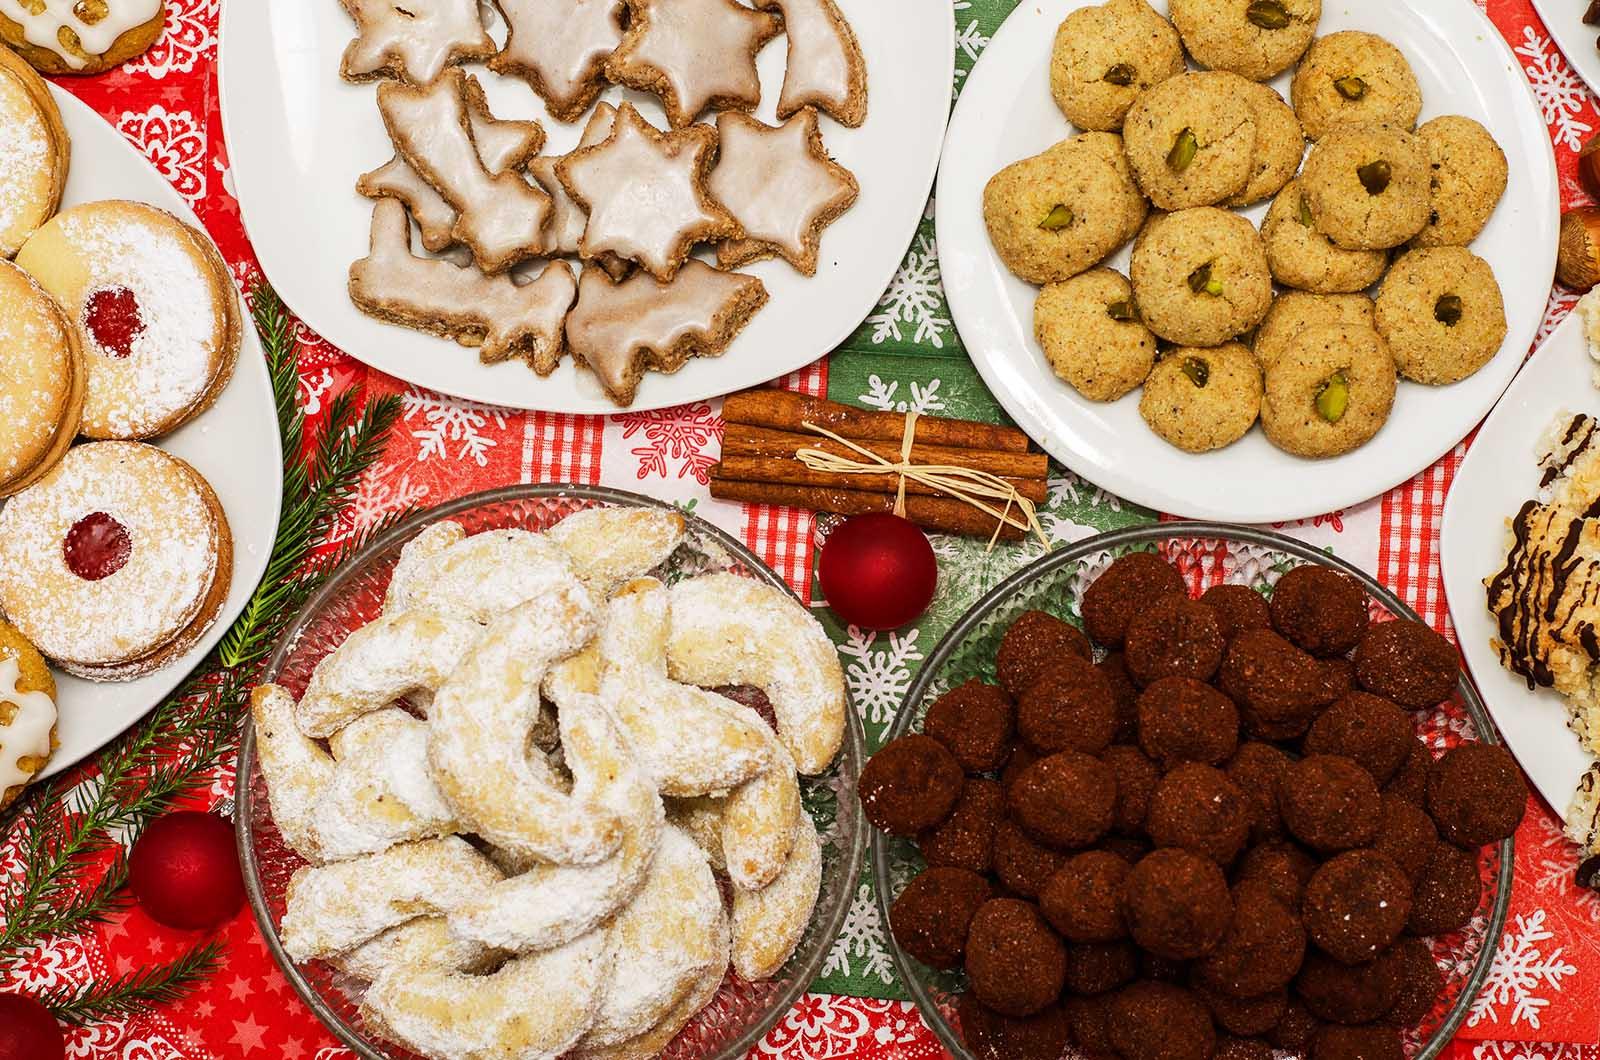 Vegane Weihnachtsplätzchen Die 10 Besten Rezepte